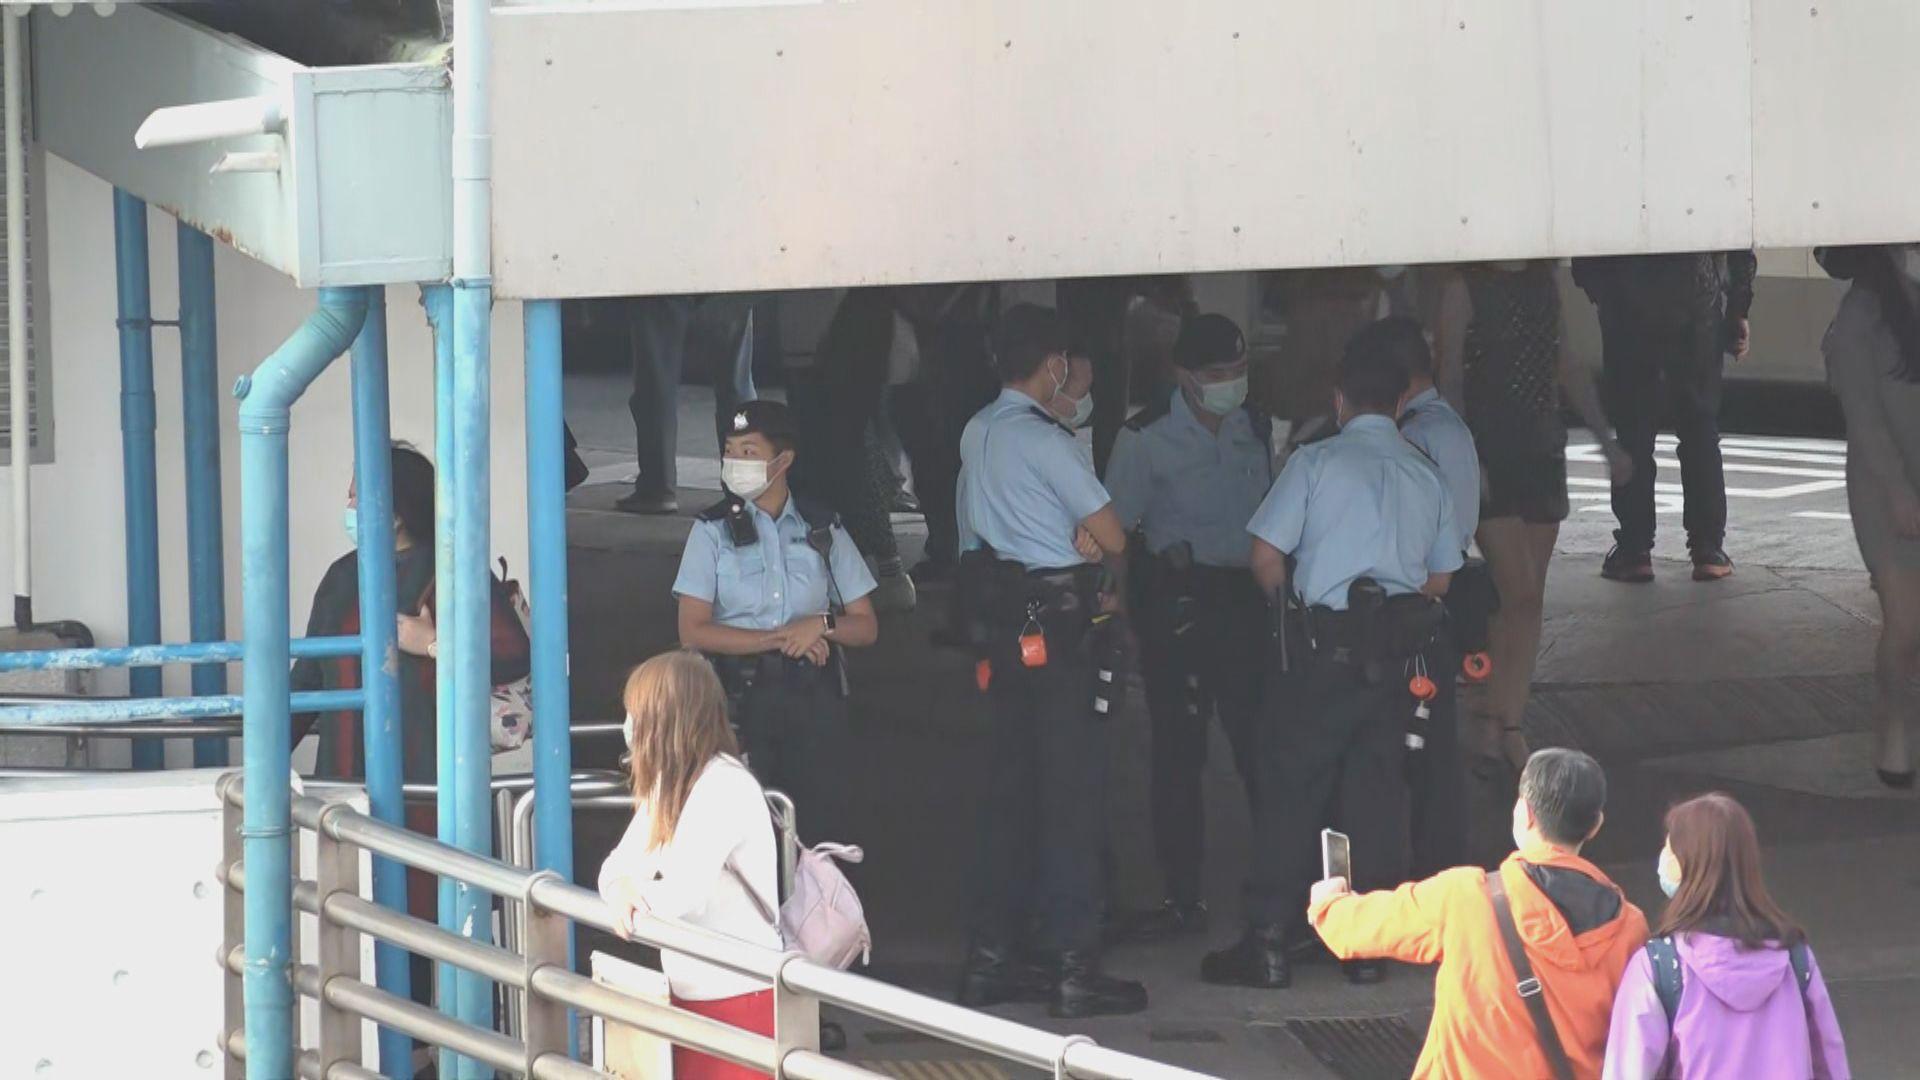 天星碼頭附近有警員在場戒備 架起鐵馬預備應付人流